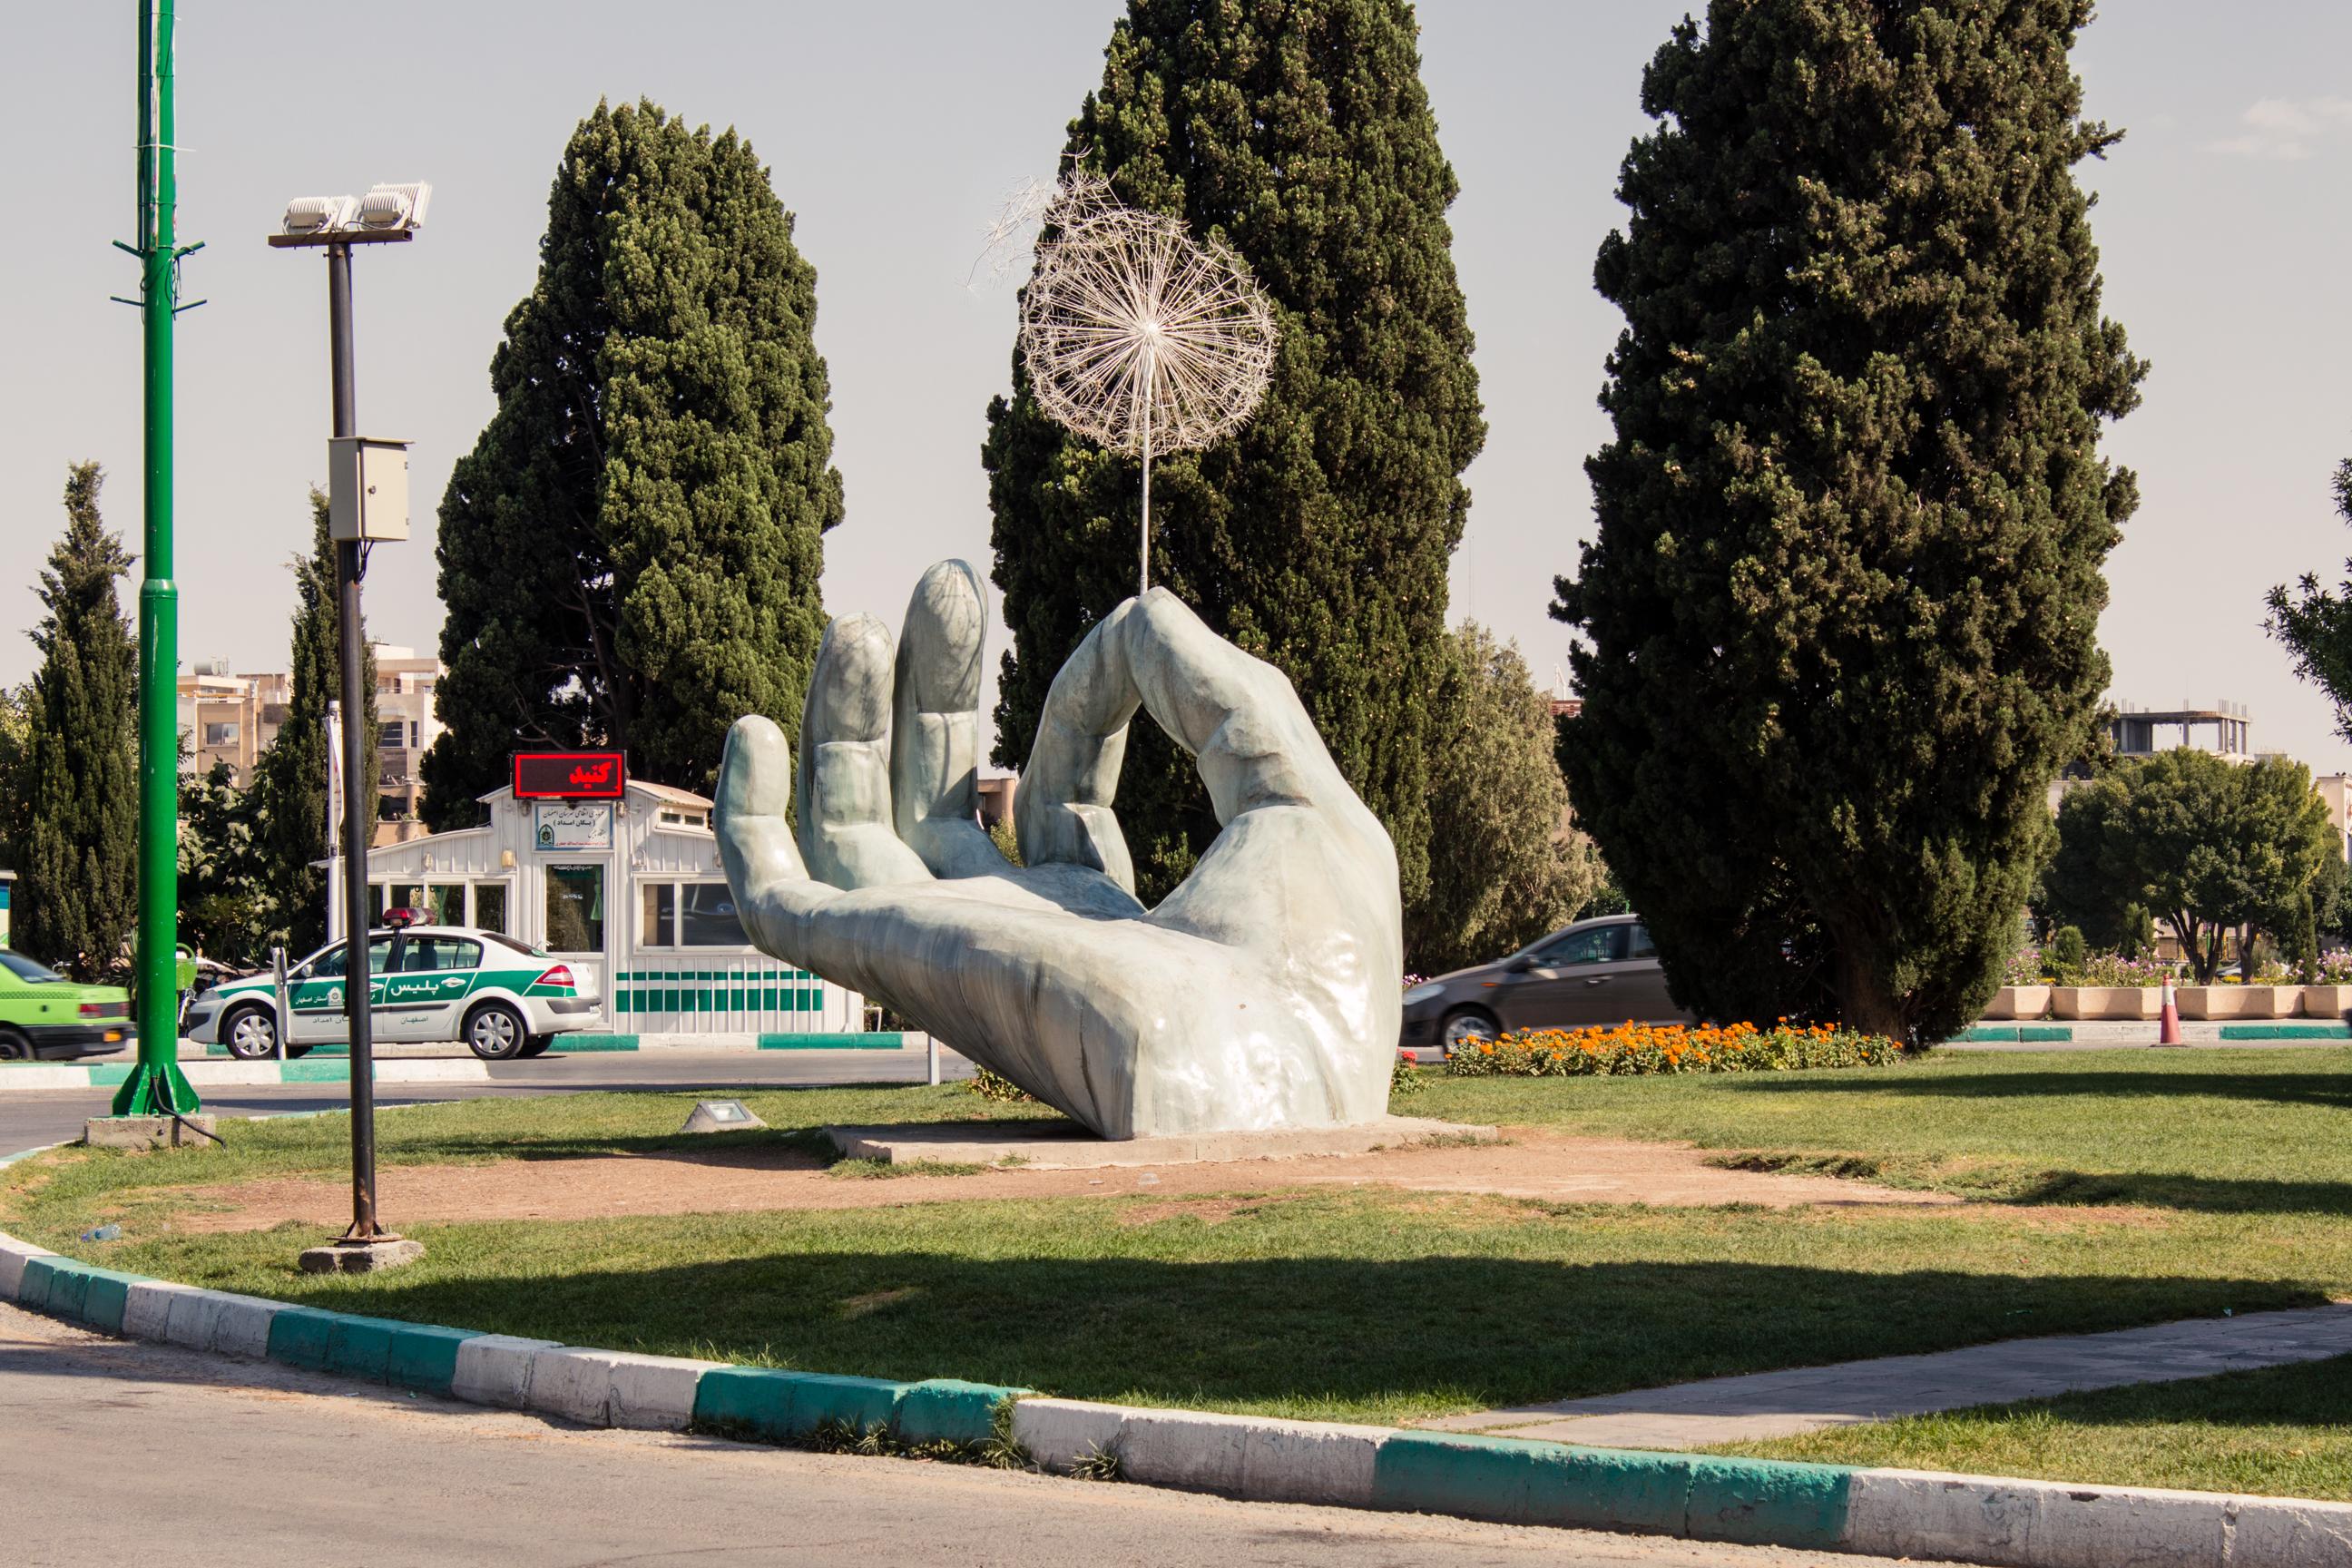 Pomniki i rzeźby to raczej rzadkość w Iranie. Ten dmuchawiec stoi blisko rzeki i kojarzy mi się z jej zanikiem. :(